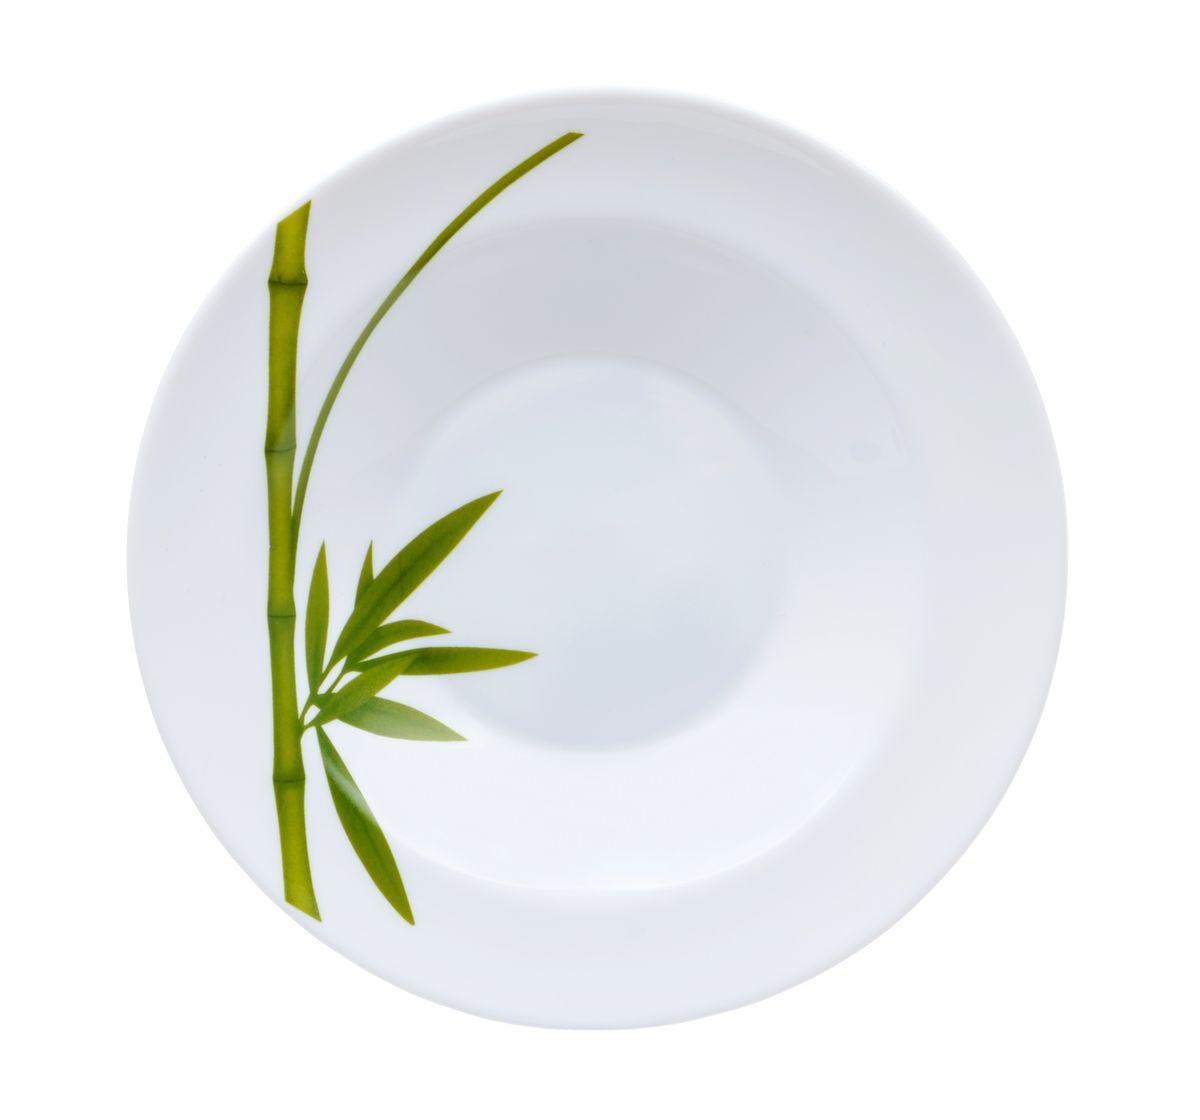 Тарелка глубокая La Opala Бамбук, диаметр 20,5 смOPFG003Тарелка глубокая La Opala Бамбук изготовлена из высококачественной стеклокерамики. Предназначена для красивой подачи различных блюд. Изделие украшено ярким рисунком стебля бамбука. Такая тарелка украсит сервировку стола и подчеркнет прекрасный вкус хозяйки. Можно мыть в посудомоечной машине и использовать в микроволновой печи. Диаметр: 20,5 см. Высота: 3,5 см.